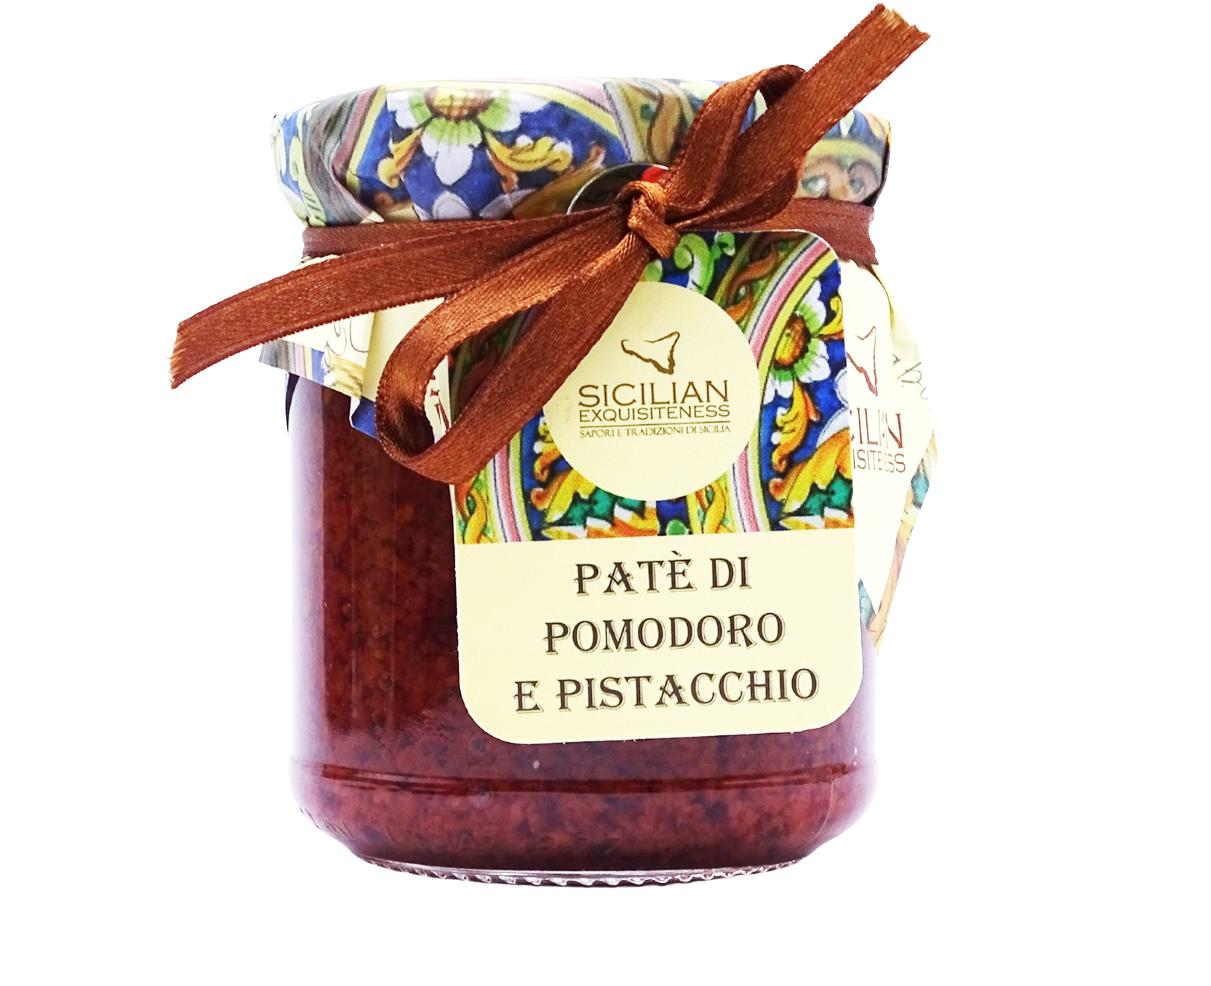 Pate' di pomodoro e pistacchio Daidone 180gr